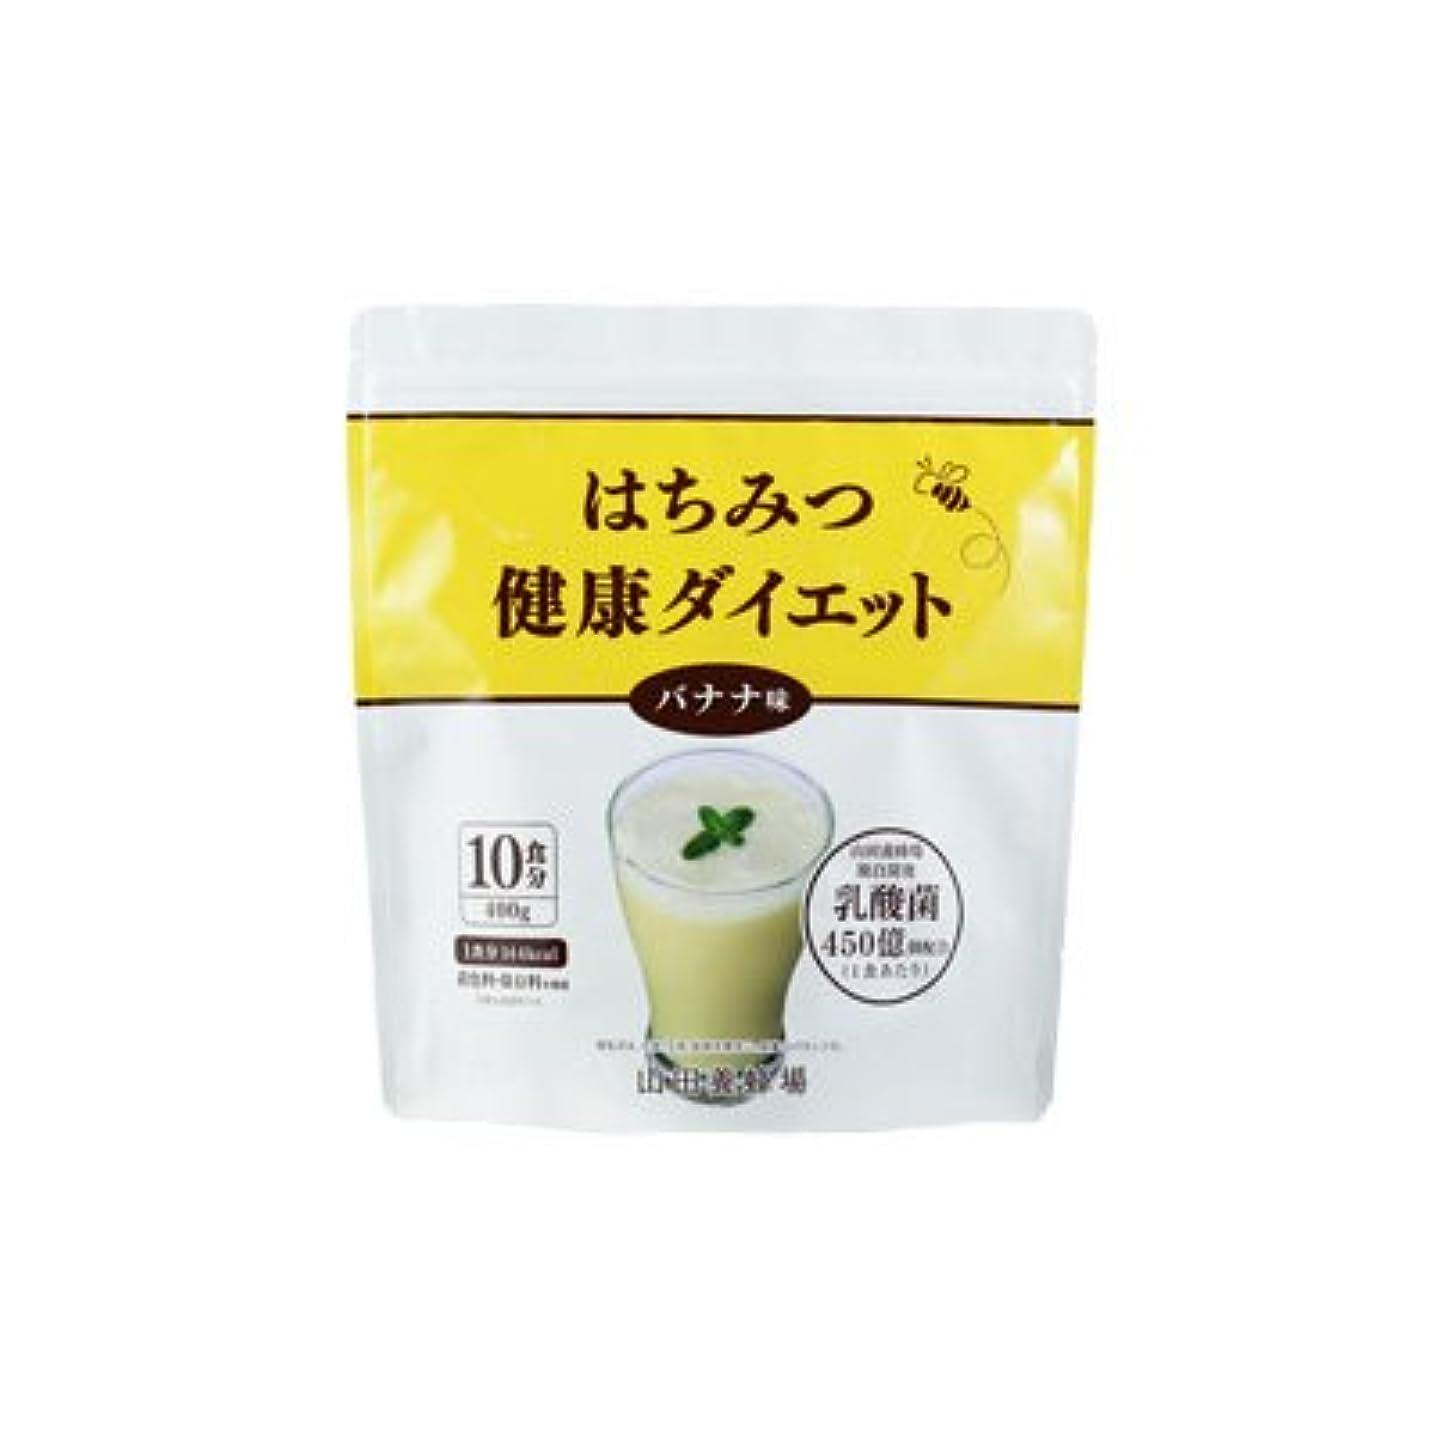 畝間完全にメッセージはちみつ健康ダイエット 【バナナ味】400g(10食分)